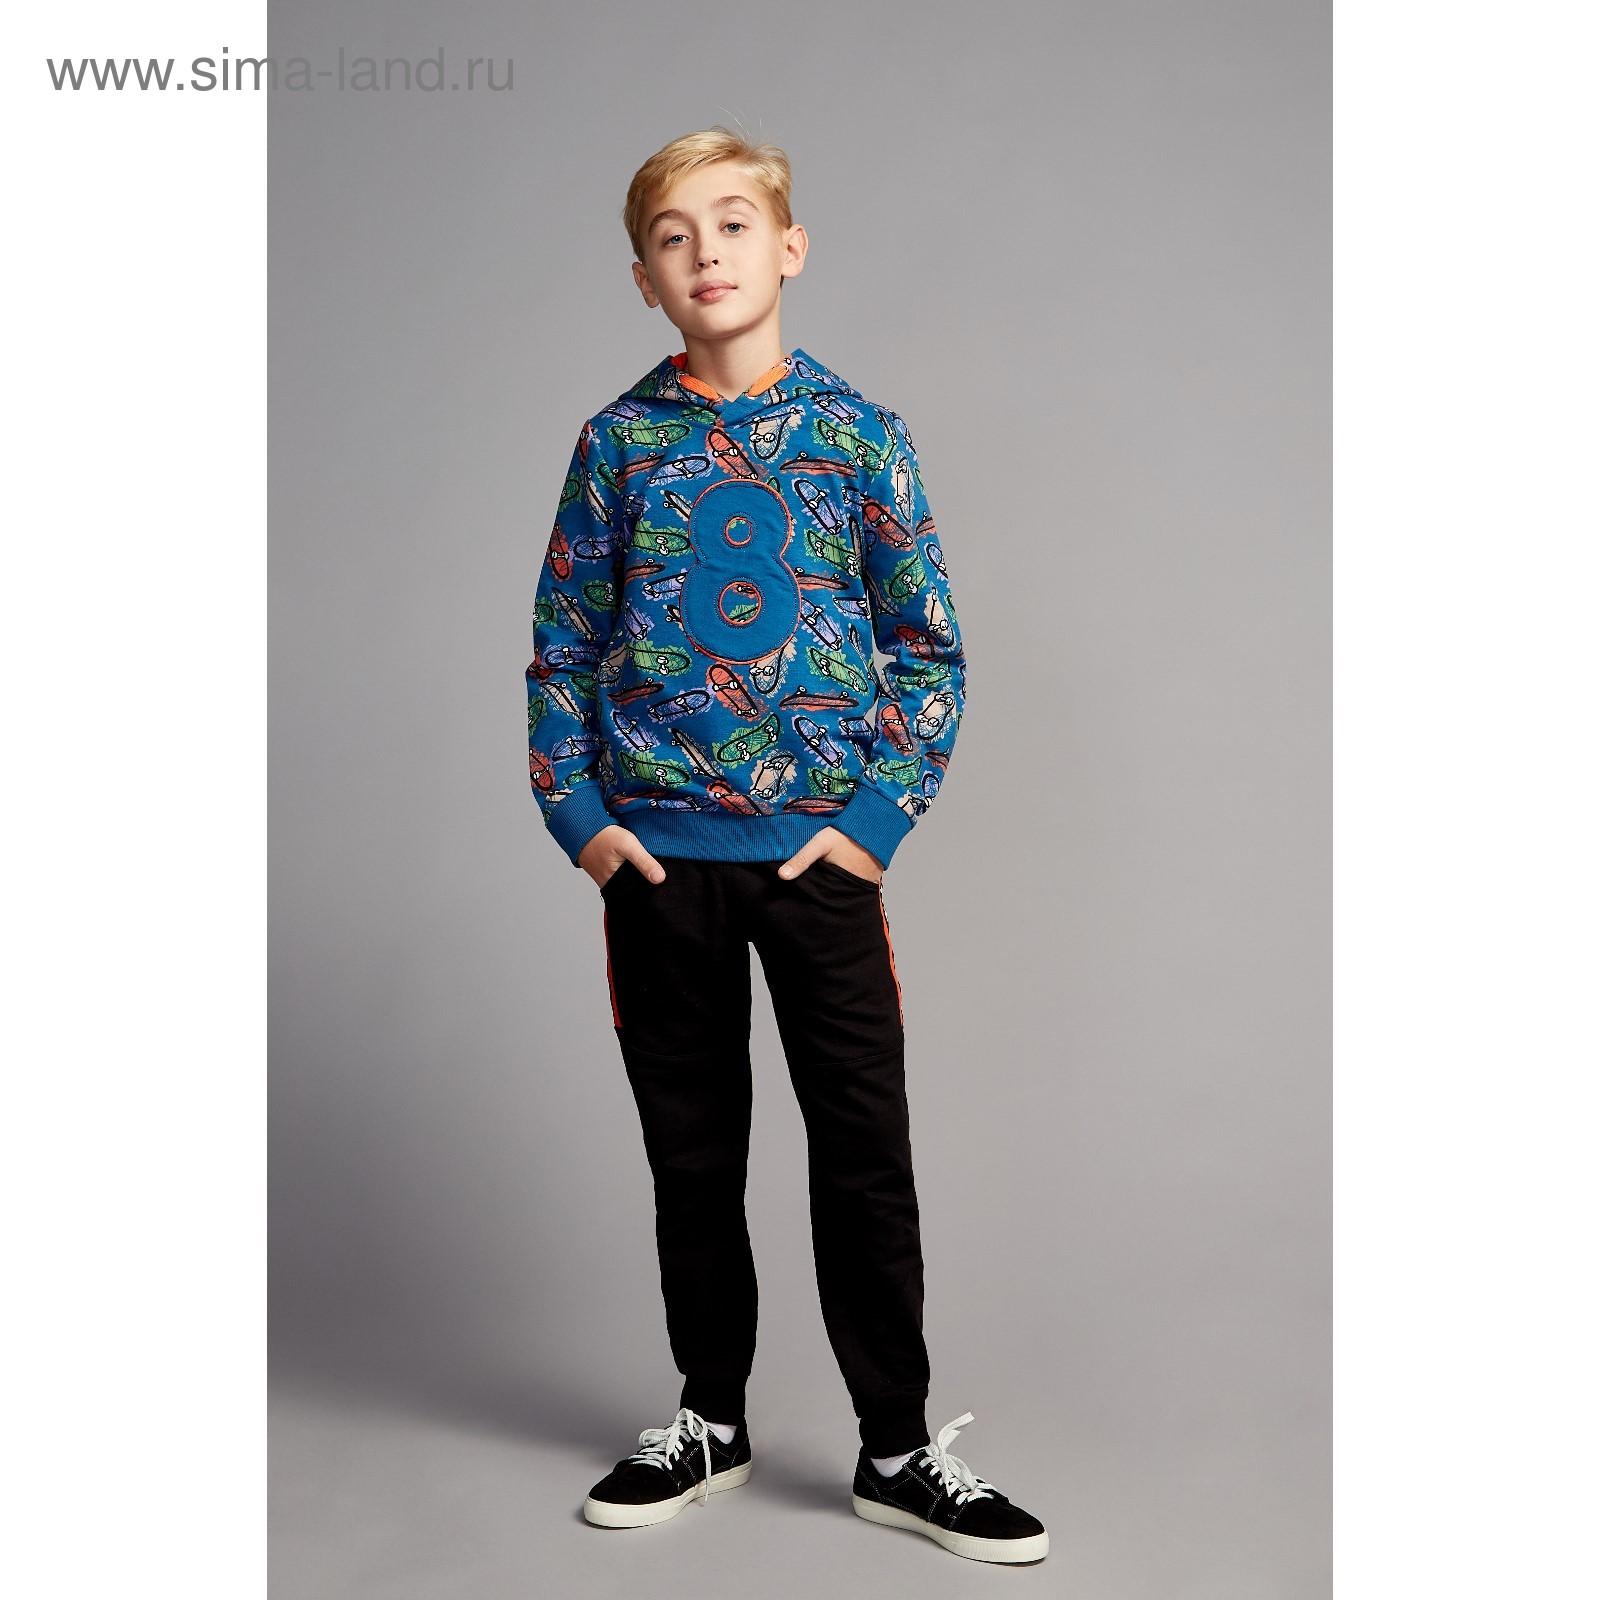 ad8c4549 Толстовка для мальчика, рост 122 см, цвет бирюзовый/скейты (3521746 ...